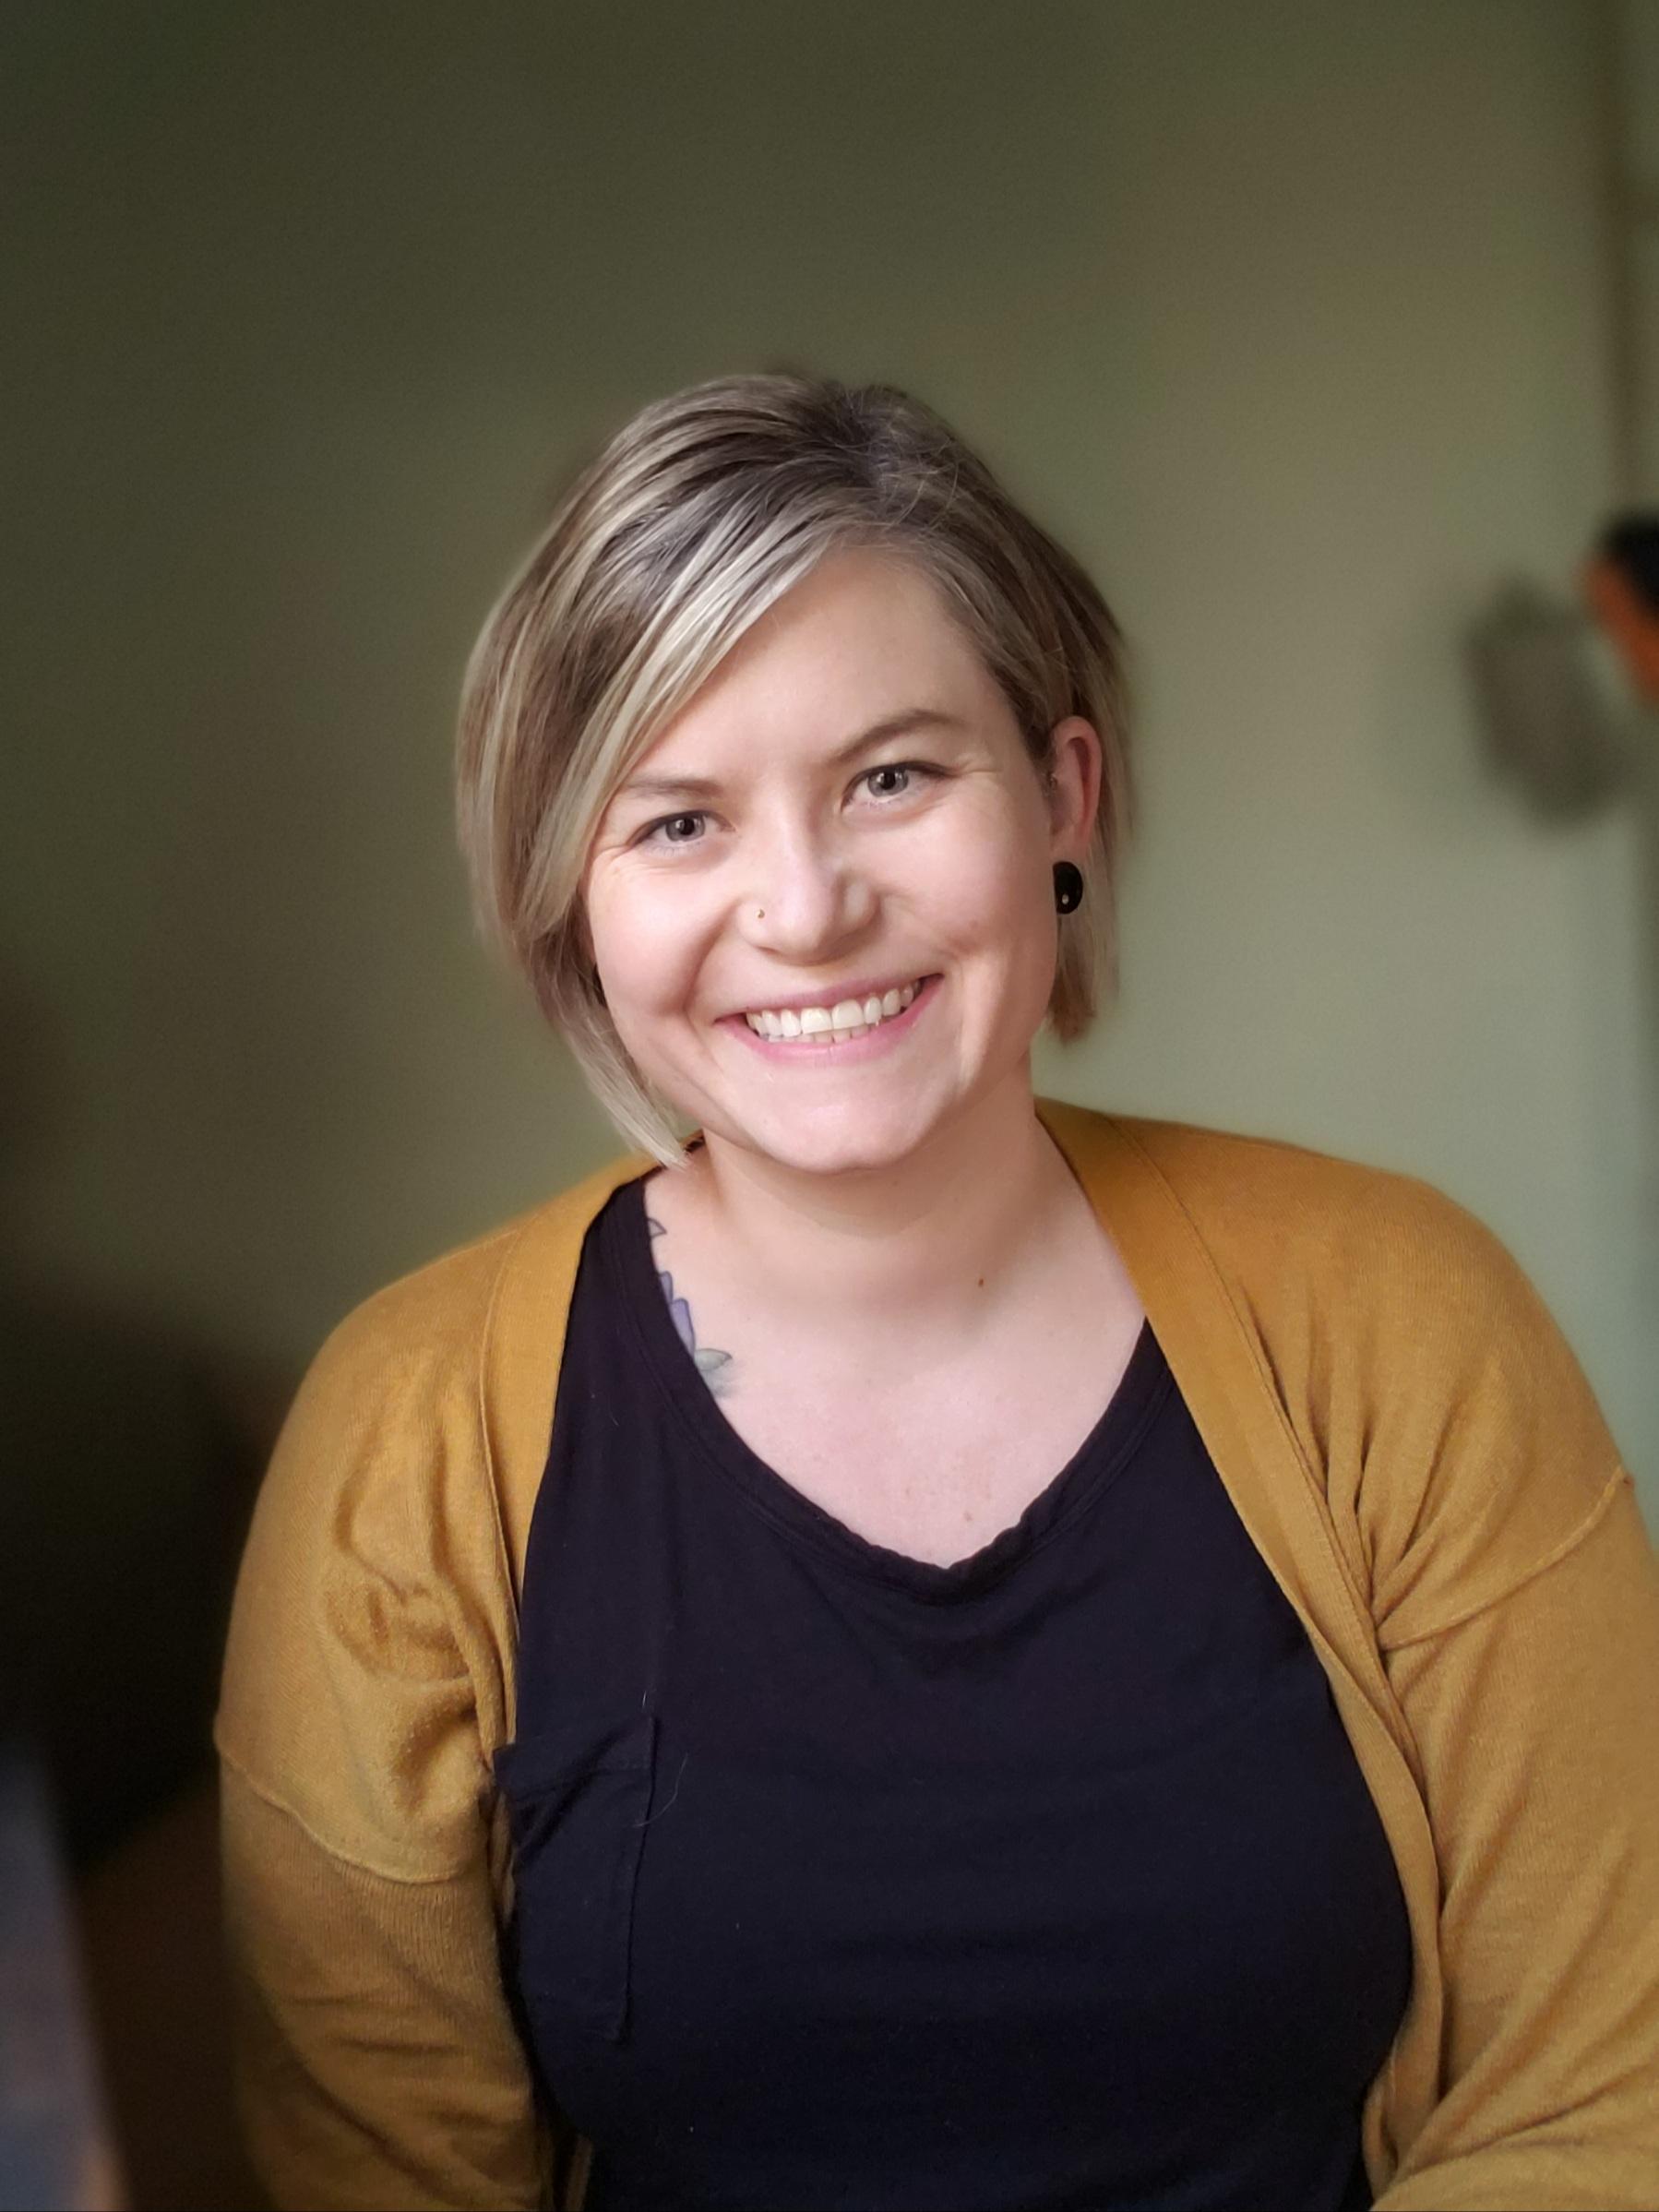 Jenna Theler